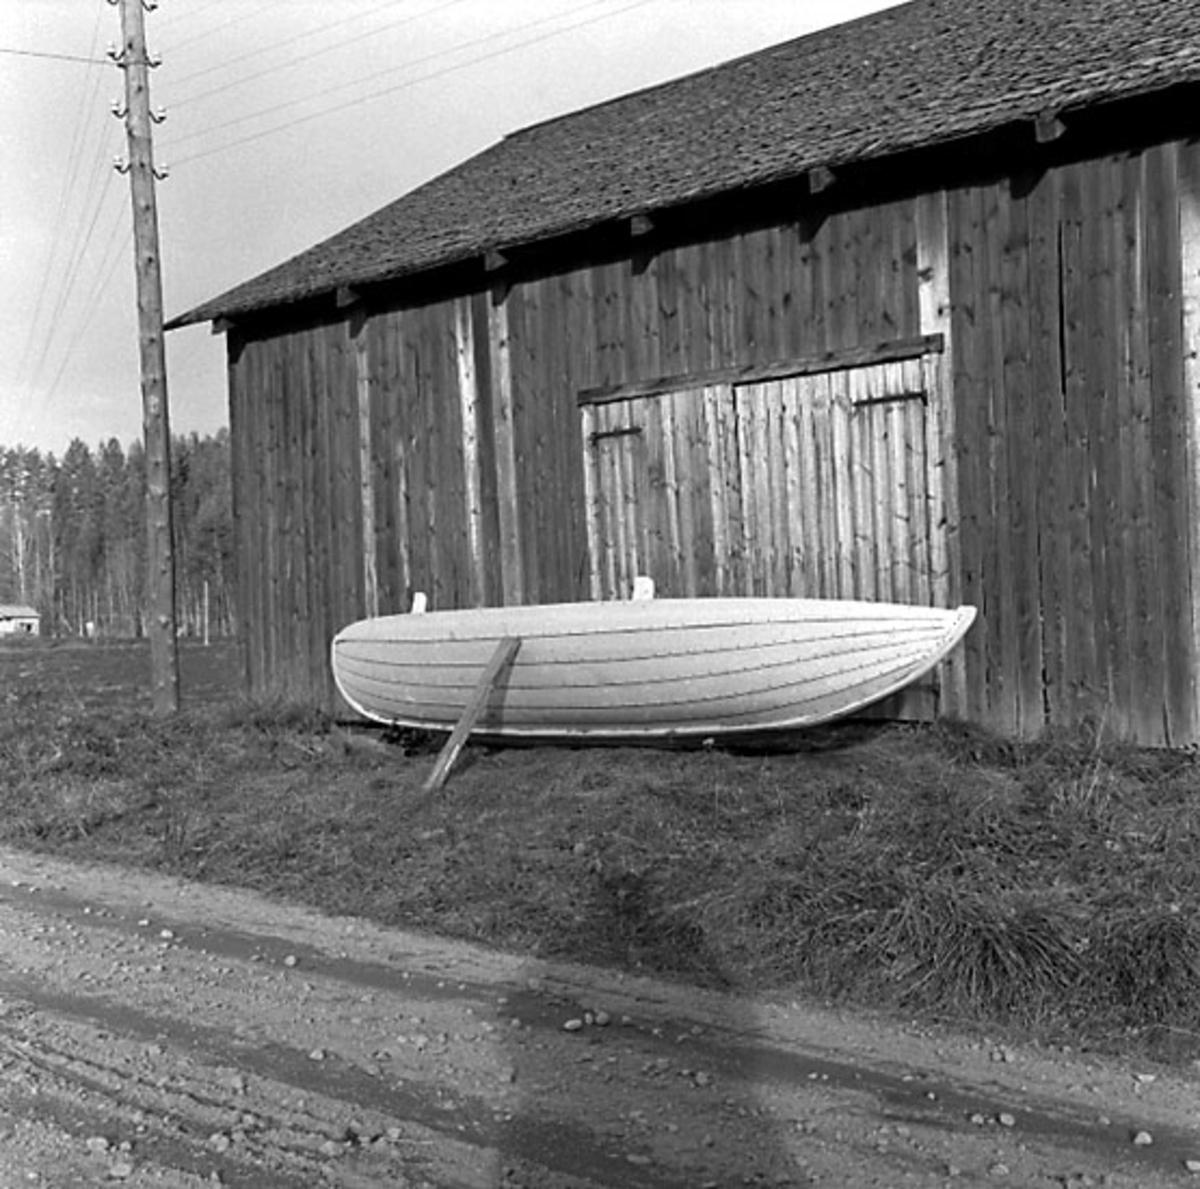 Fotografiet är taget: 1957  Båtbyggeri norra Sverige innehåller intreörer, 165 s.v. kop. 18 neg. till 18 av kop. finns i neg.ark. nr. 1929:1-2 filmnr. 119 och 120. Format 6x6 10x10